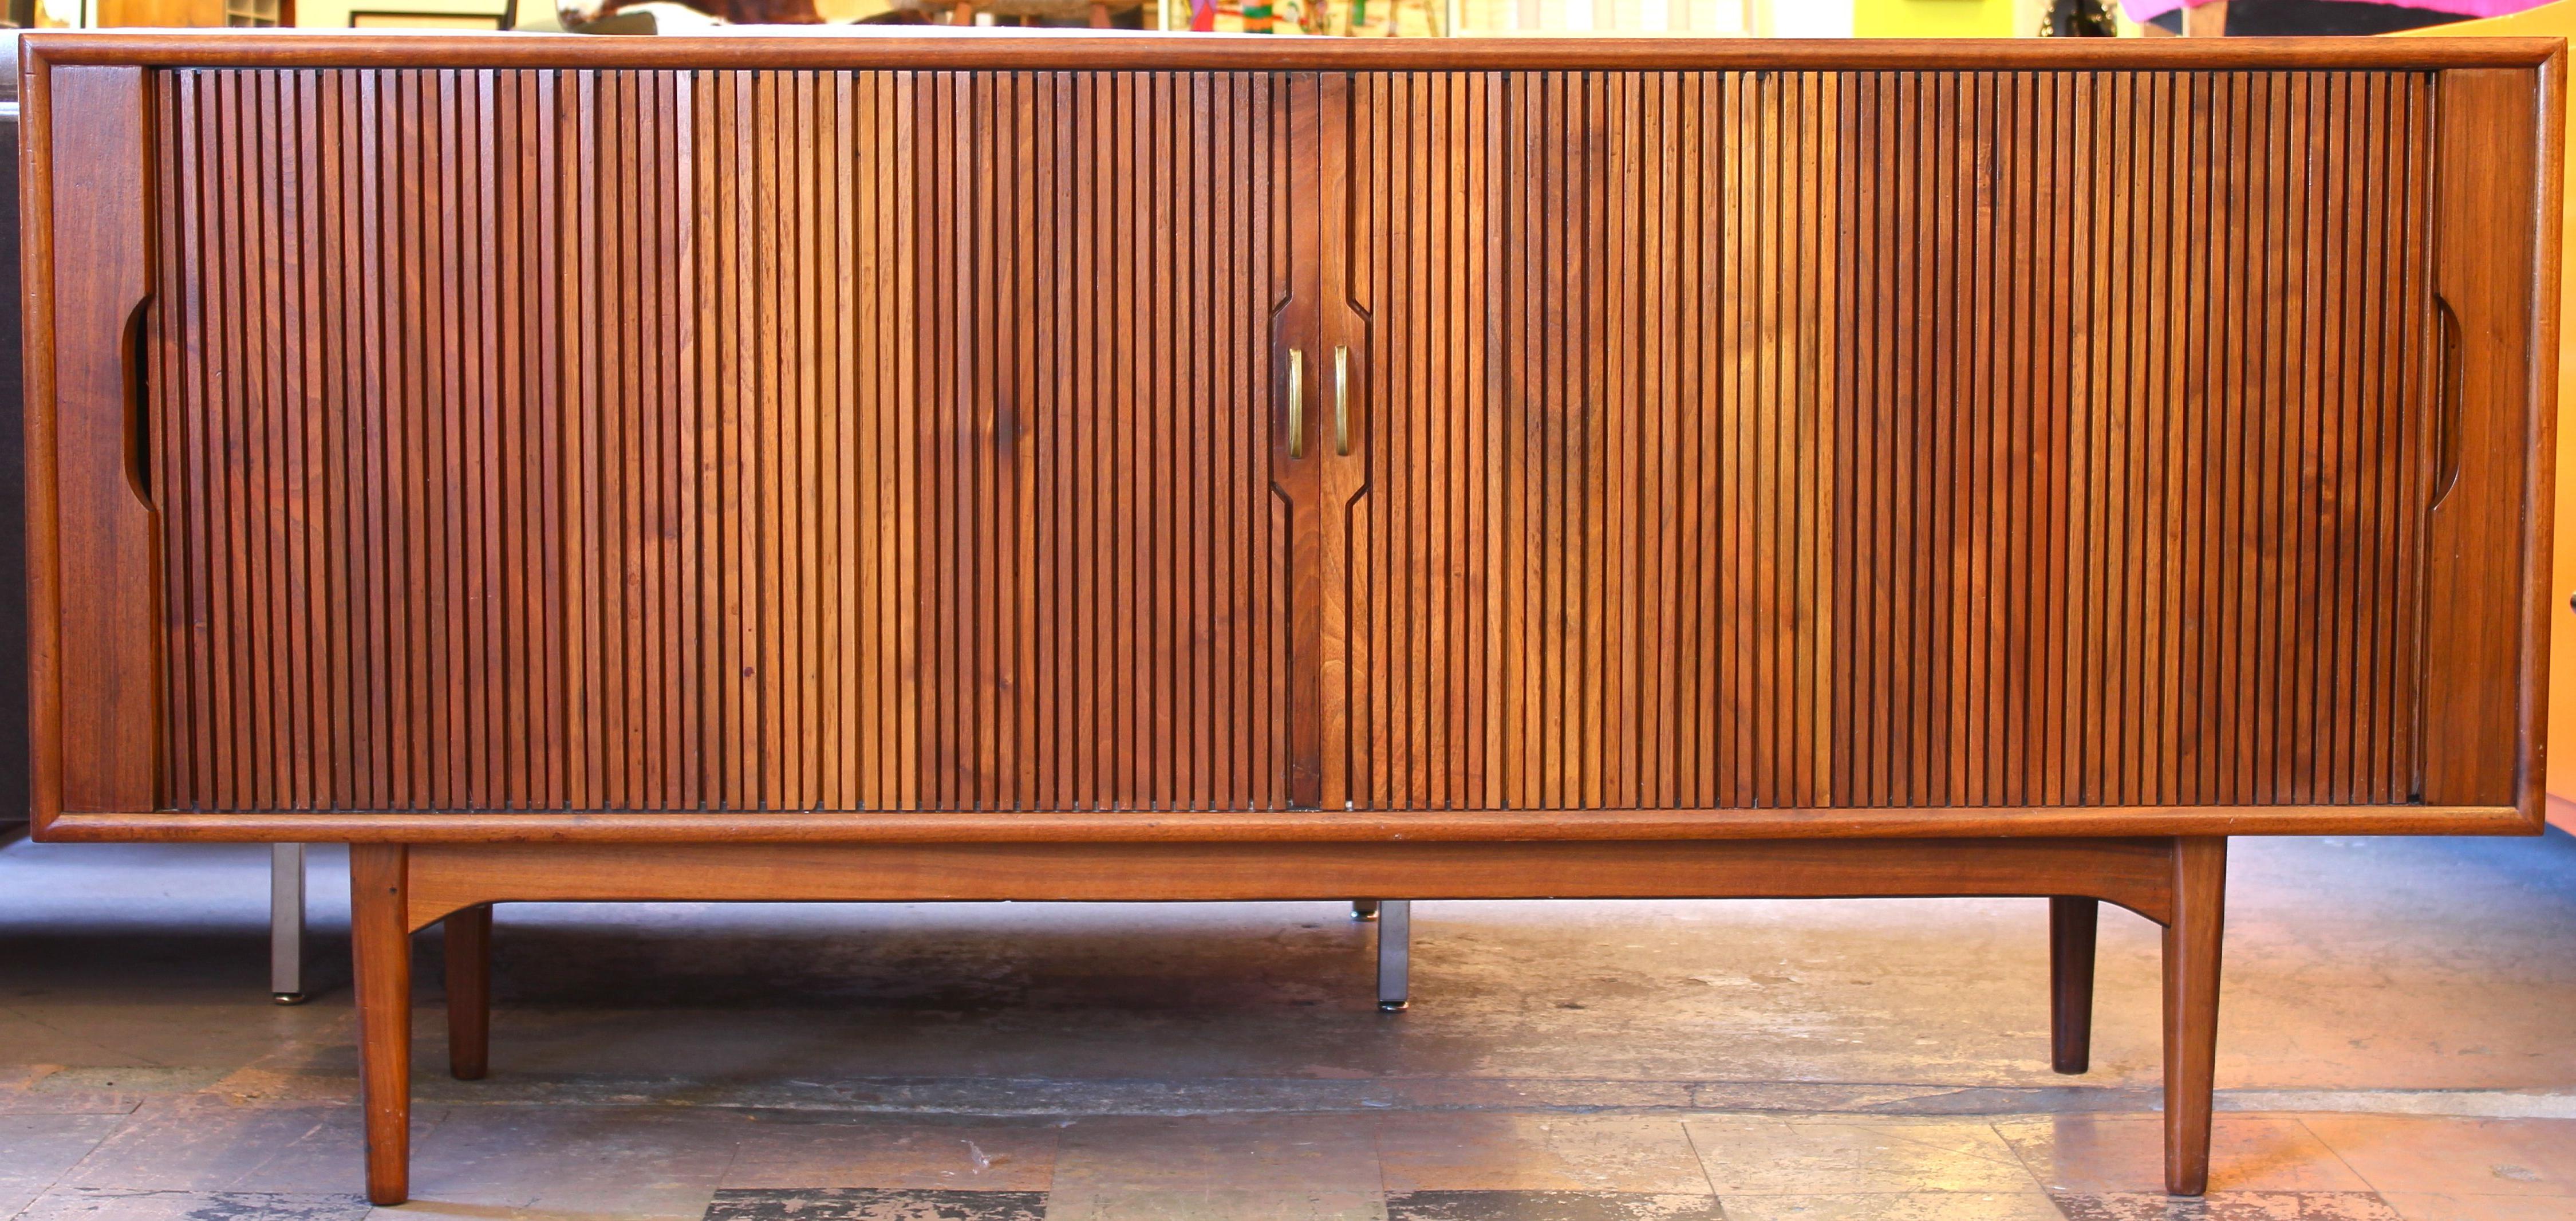 Tambour Door Buffet/sideboardkipp Stewart – Tambour Door Within Modern Mid Century Buffets (View 20 of 20)